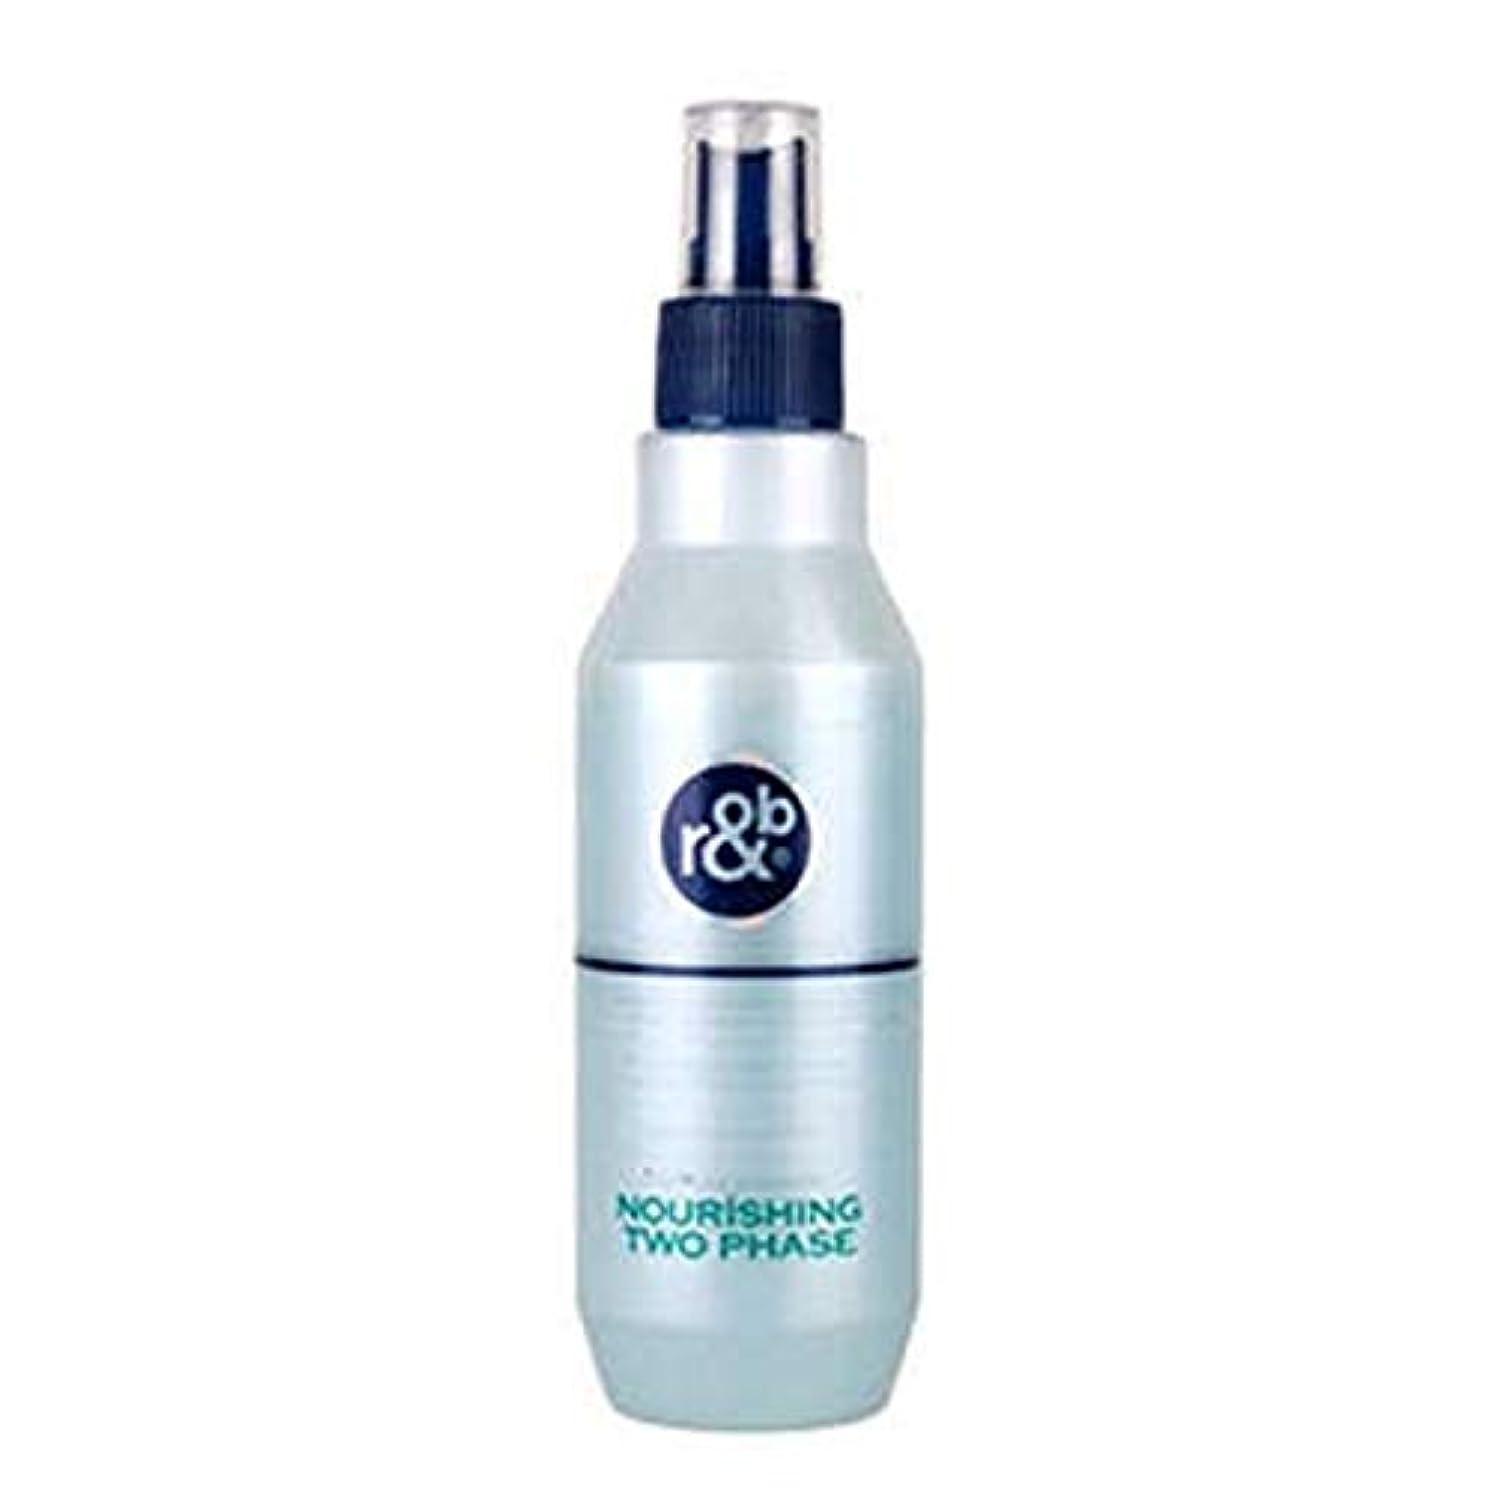 軸含む消えるフィトン セラピー ナリッシング 2 段階 250ml - アウトバス ヘア コンディショナー ( Phyton Therapy Nourishing Two Phase 250ml - leave in Hair Conditioner...